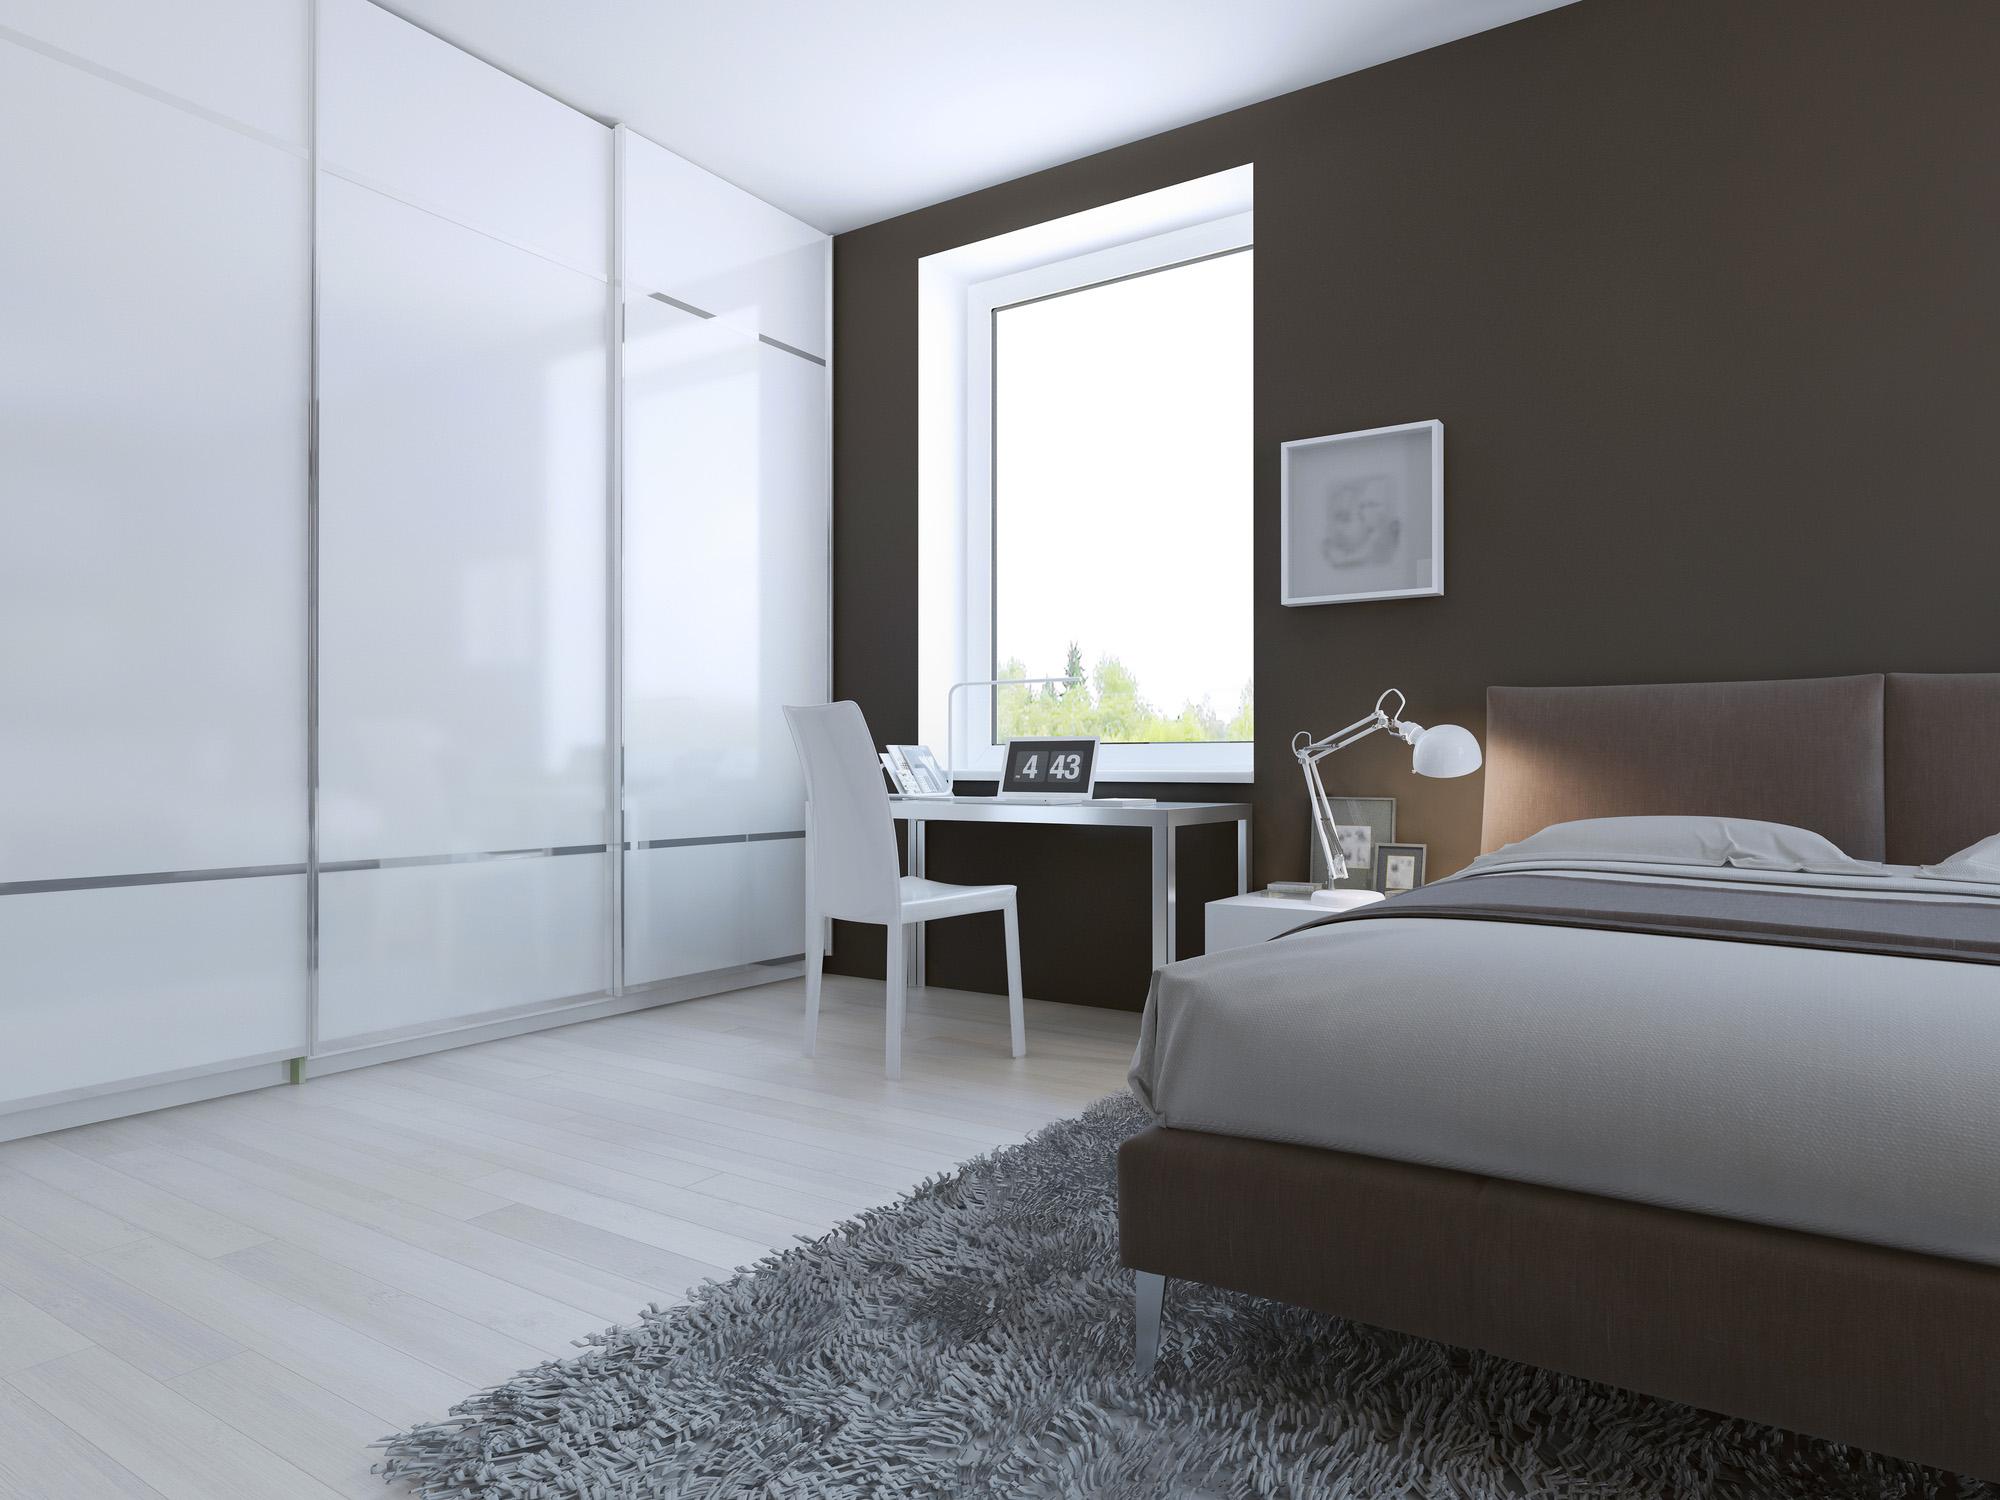 sliding wardrobes, built in wardrobe, wardrobe design ideas